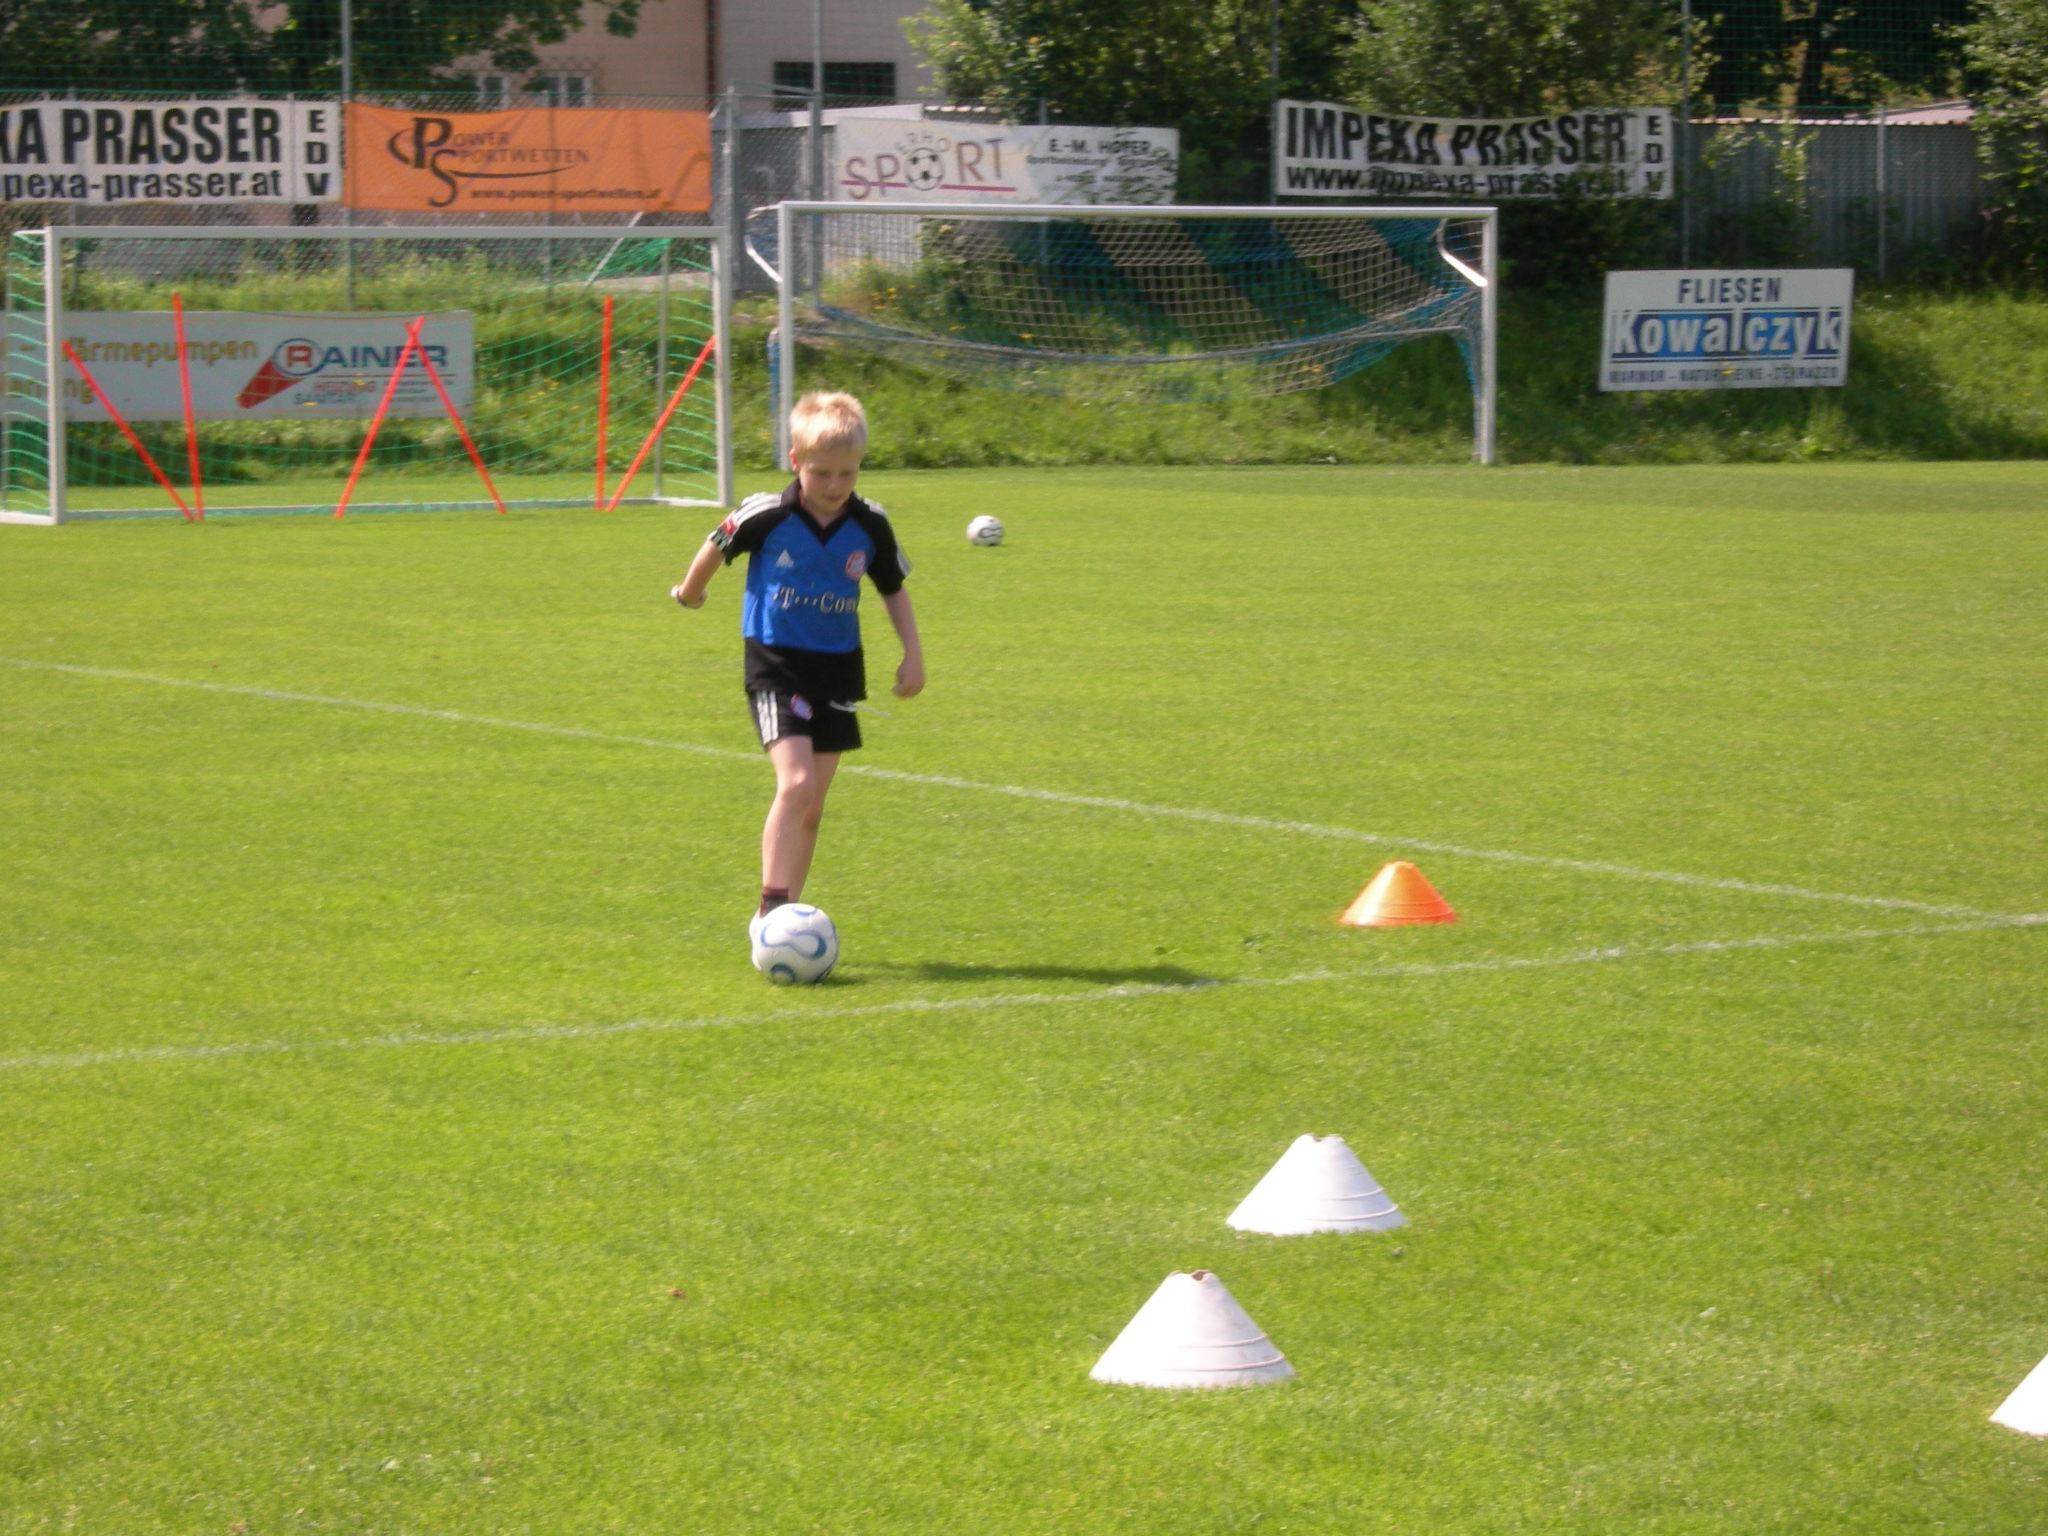 Fussball Mein Leben Bis Juni 2014